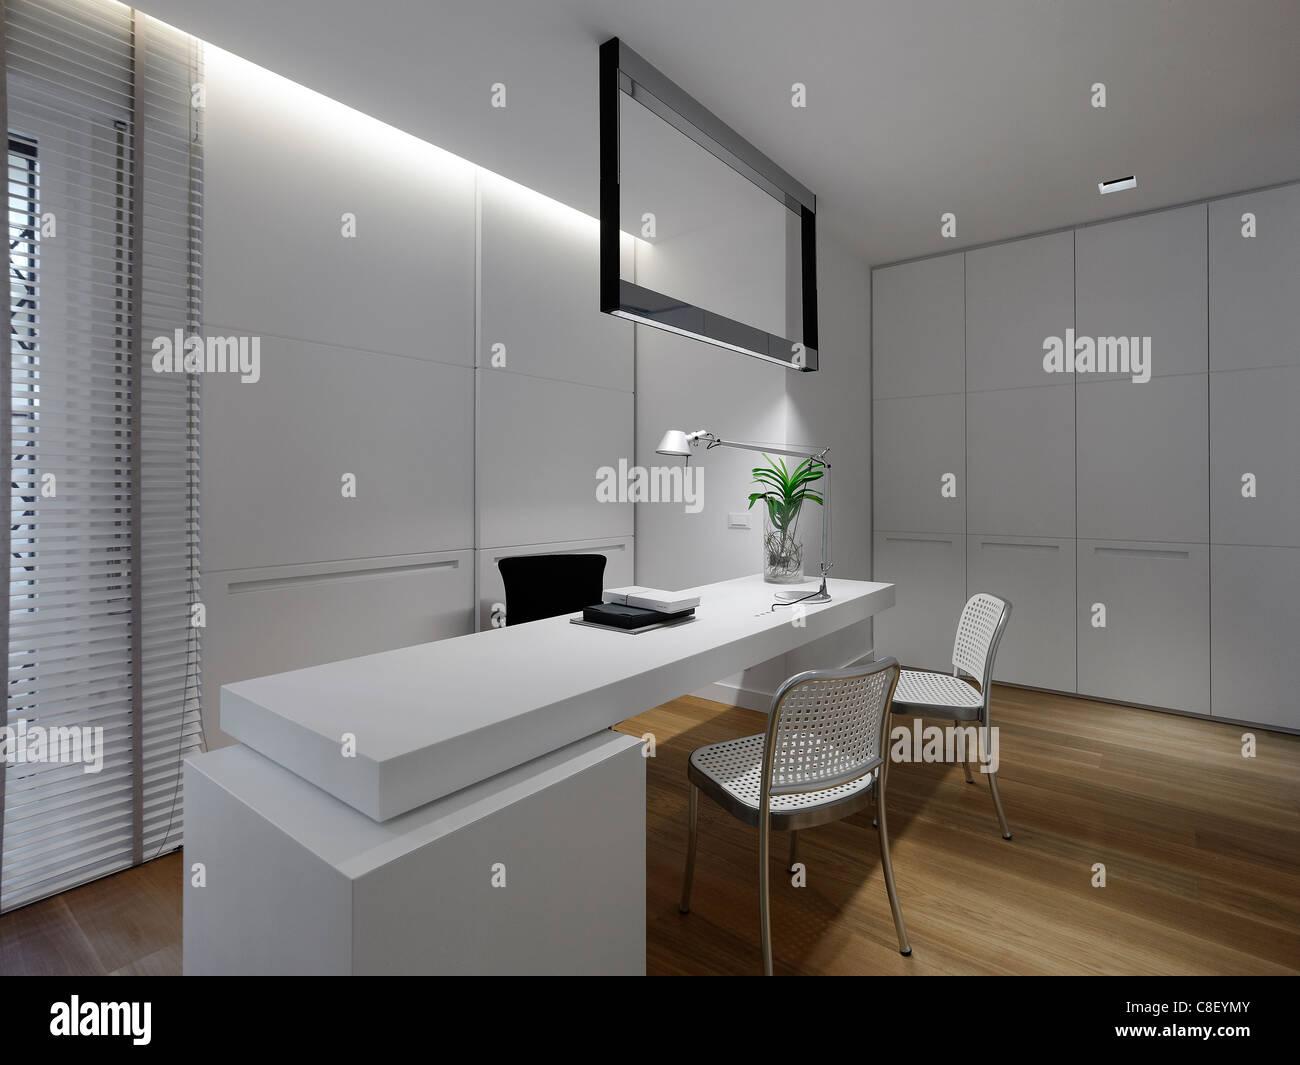 Interior de un espacio de oficina foto imagen de stock for Espacios de oficina